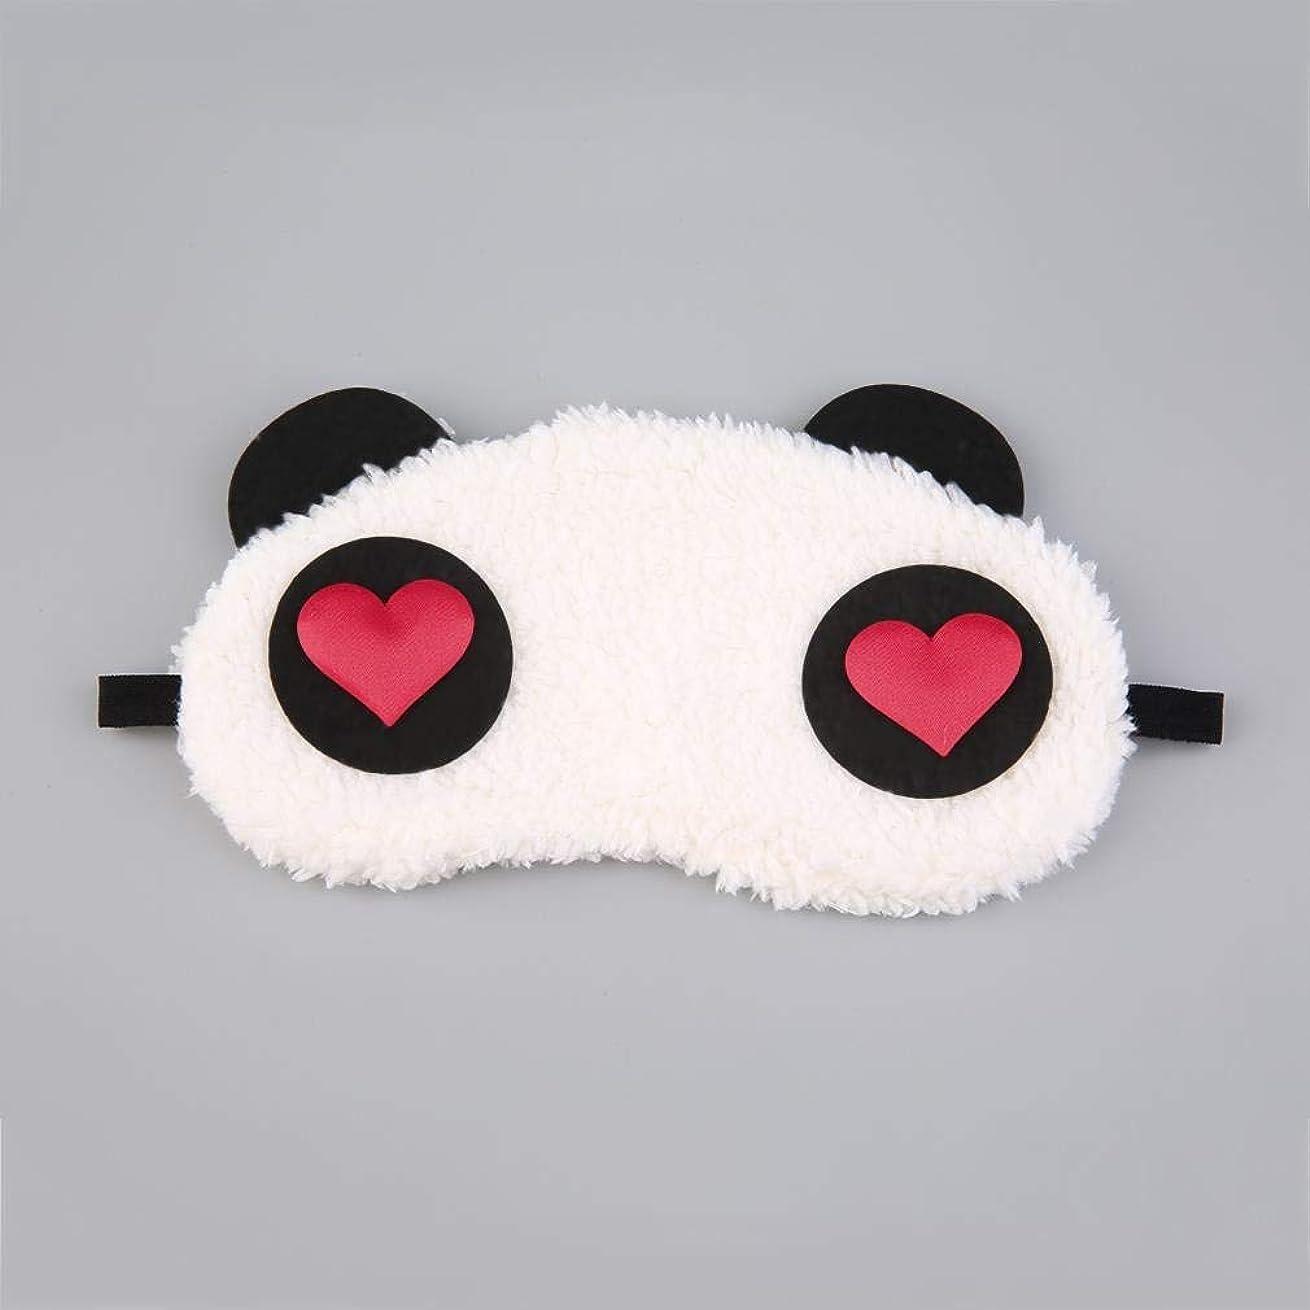 かき混ぜる利用可能百万NOTE マスク用睡眠かわいいパンダ睡眠フェイスアイ目隠しアイシェード通気性子供女性旅行カバーヘルスケアエイドアイパッチツール